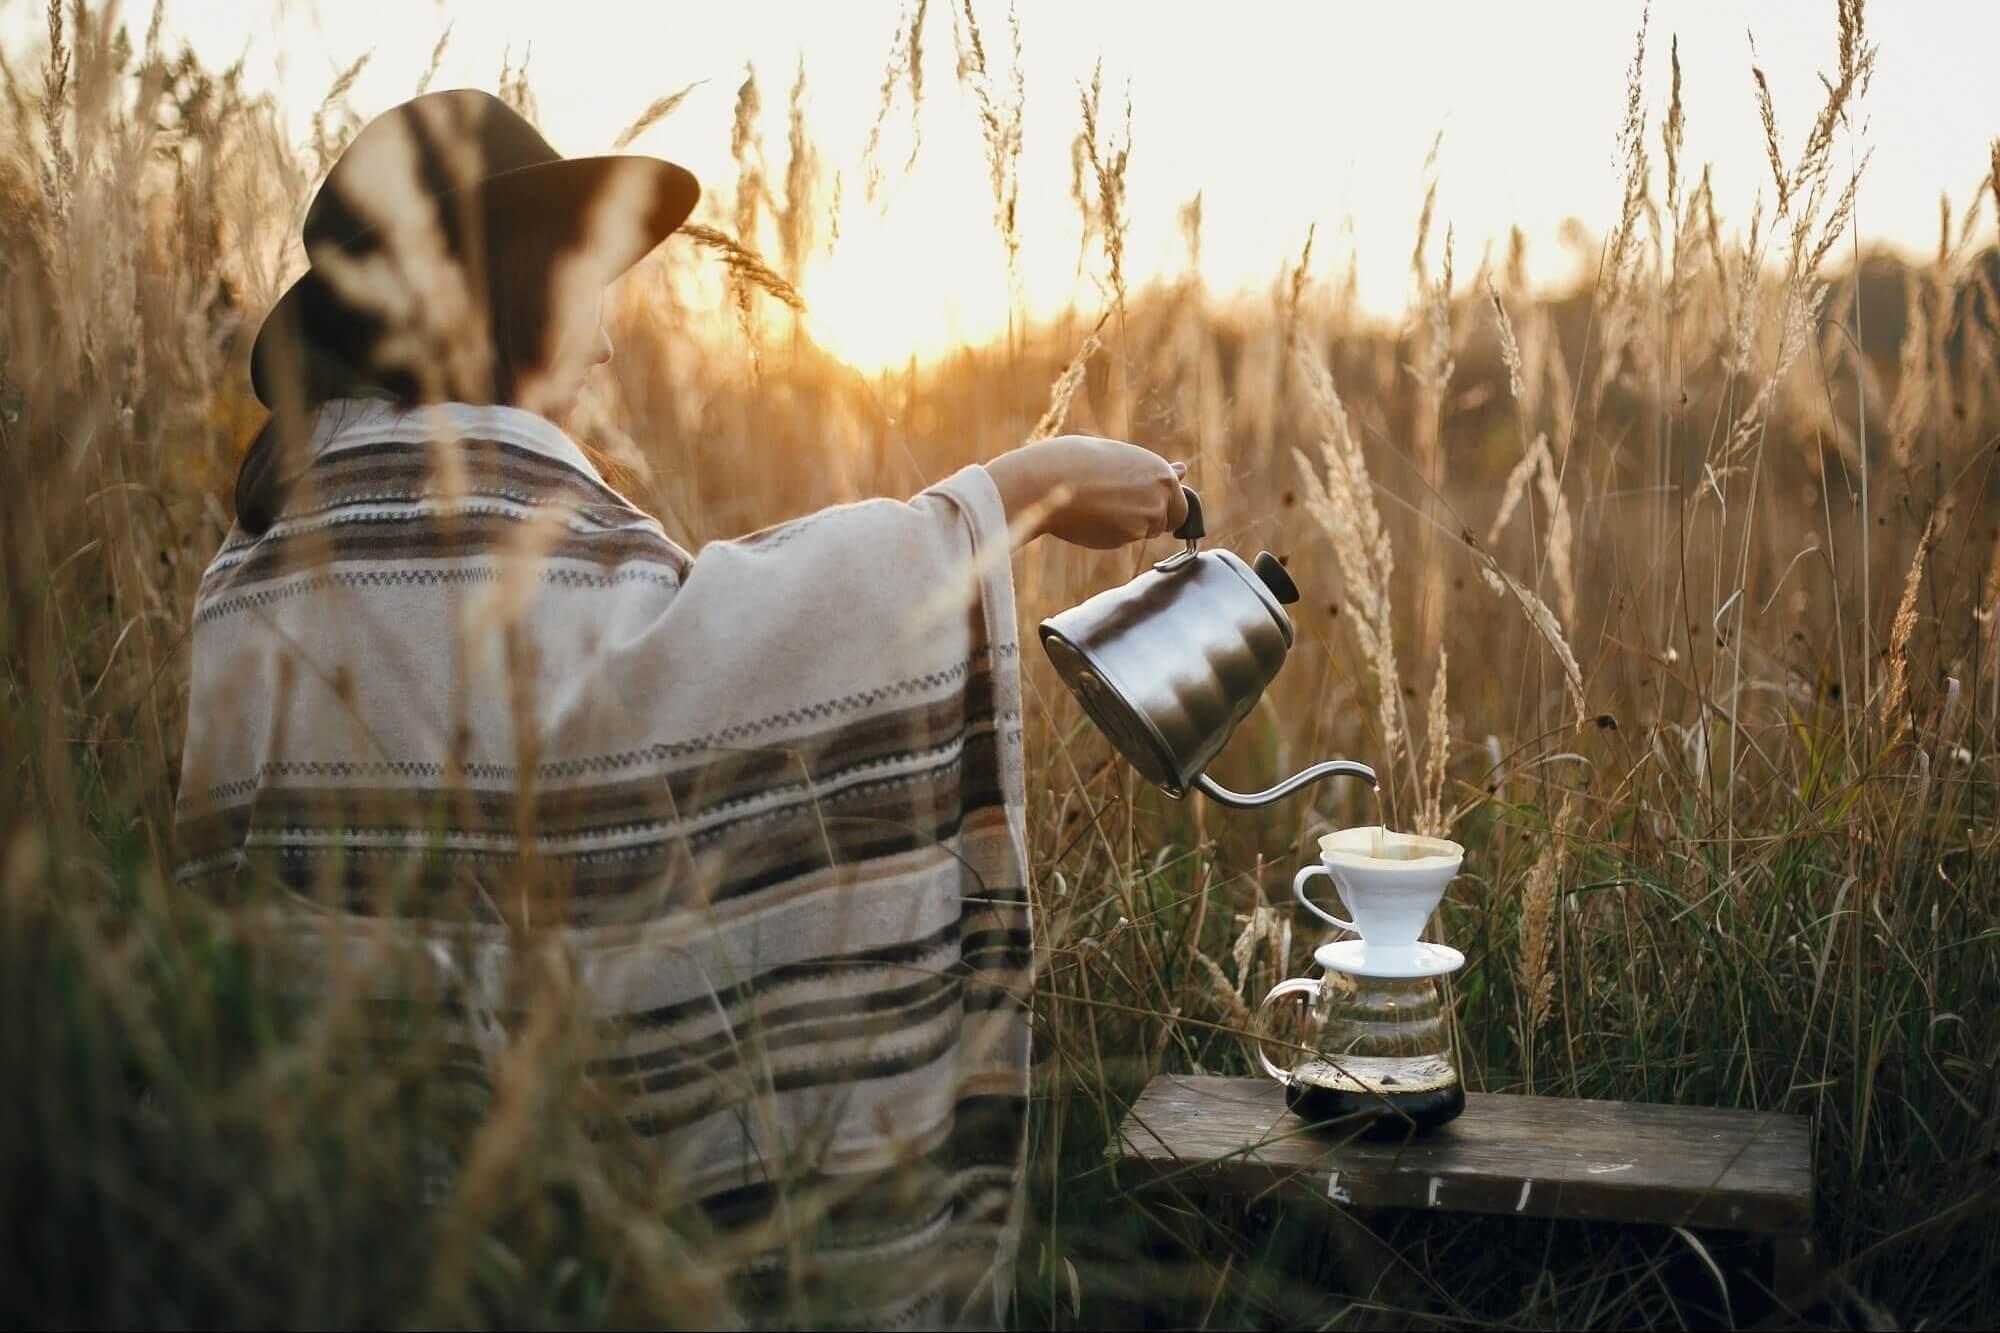 手沖咖啡基本入門技巧,有品味的生活從每天一杯手沖咖啡開始